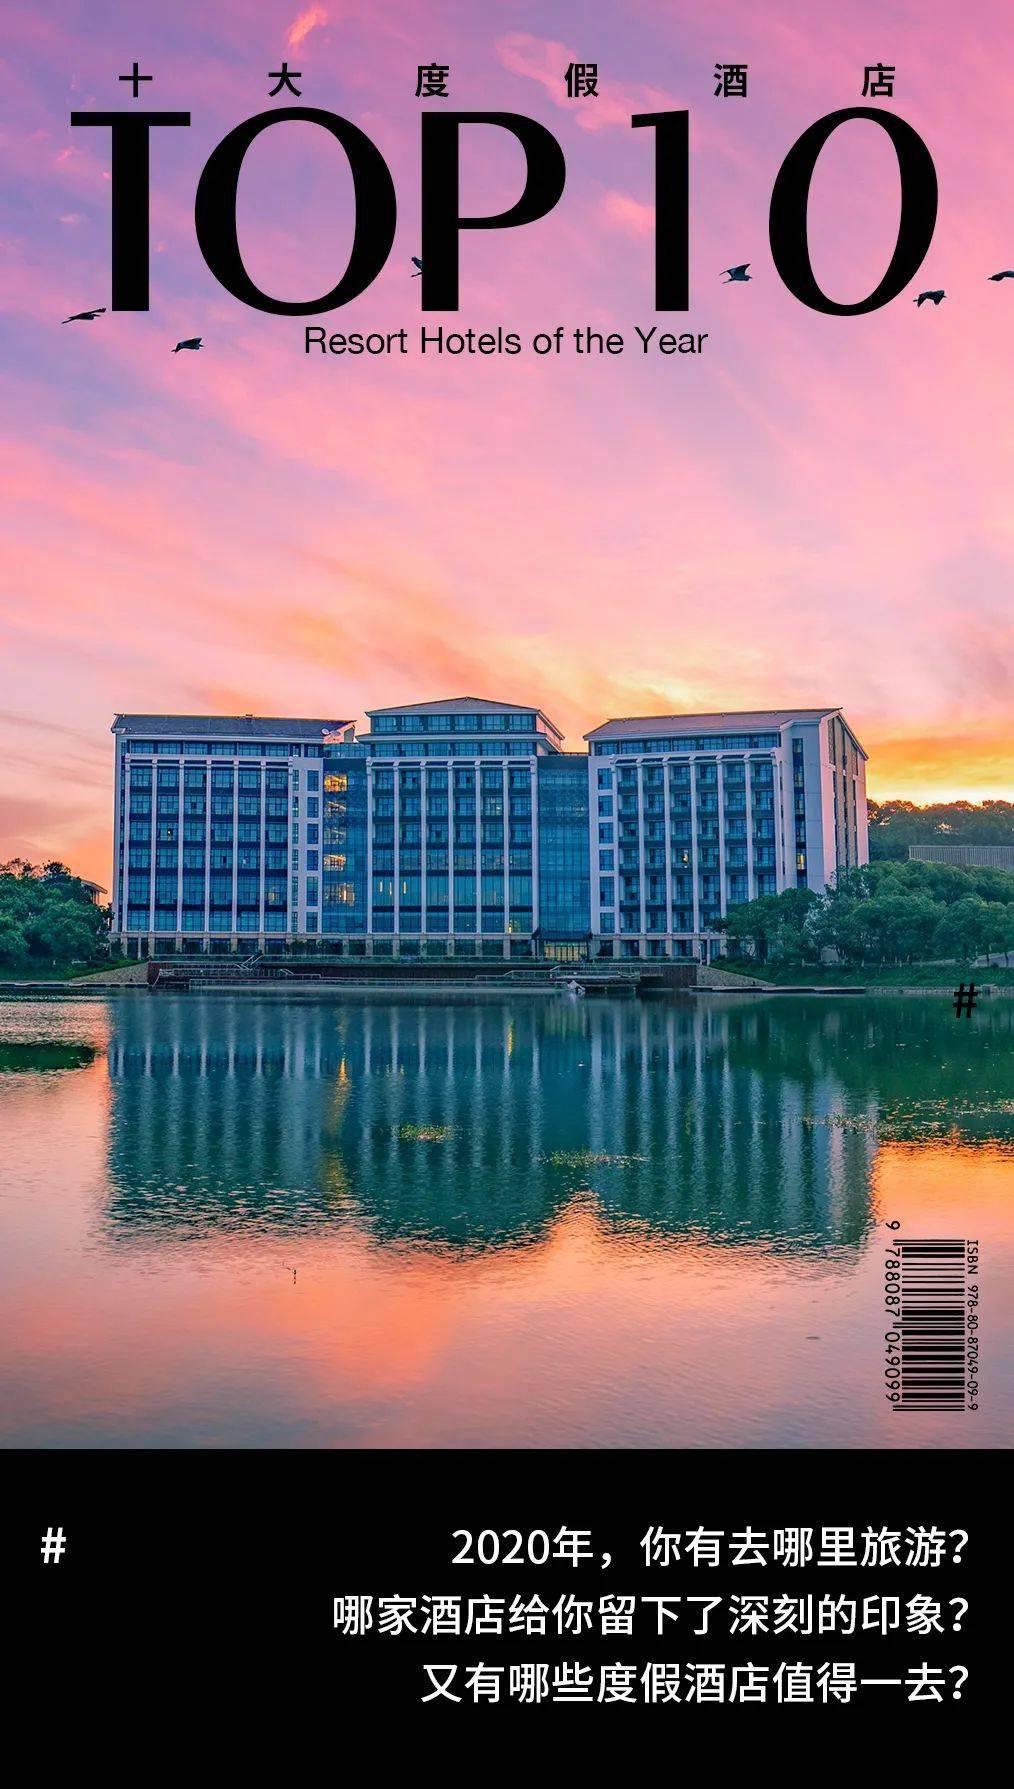 楠溪江有一家!  2020年全国最值得入住十大度假酒店